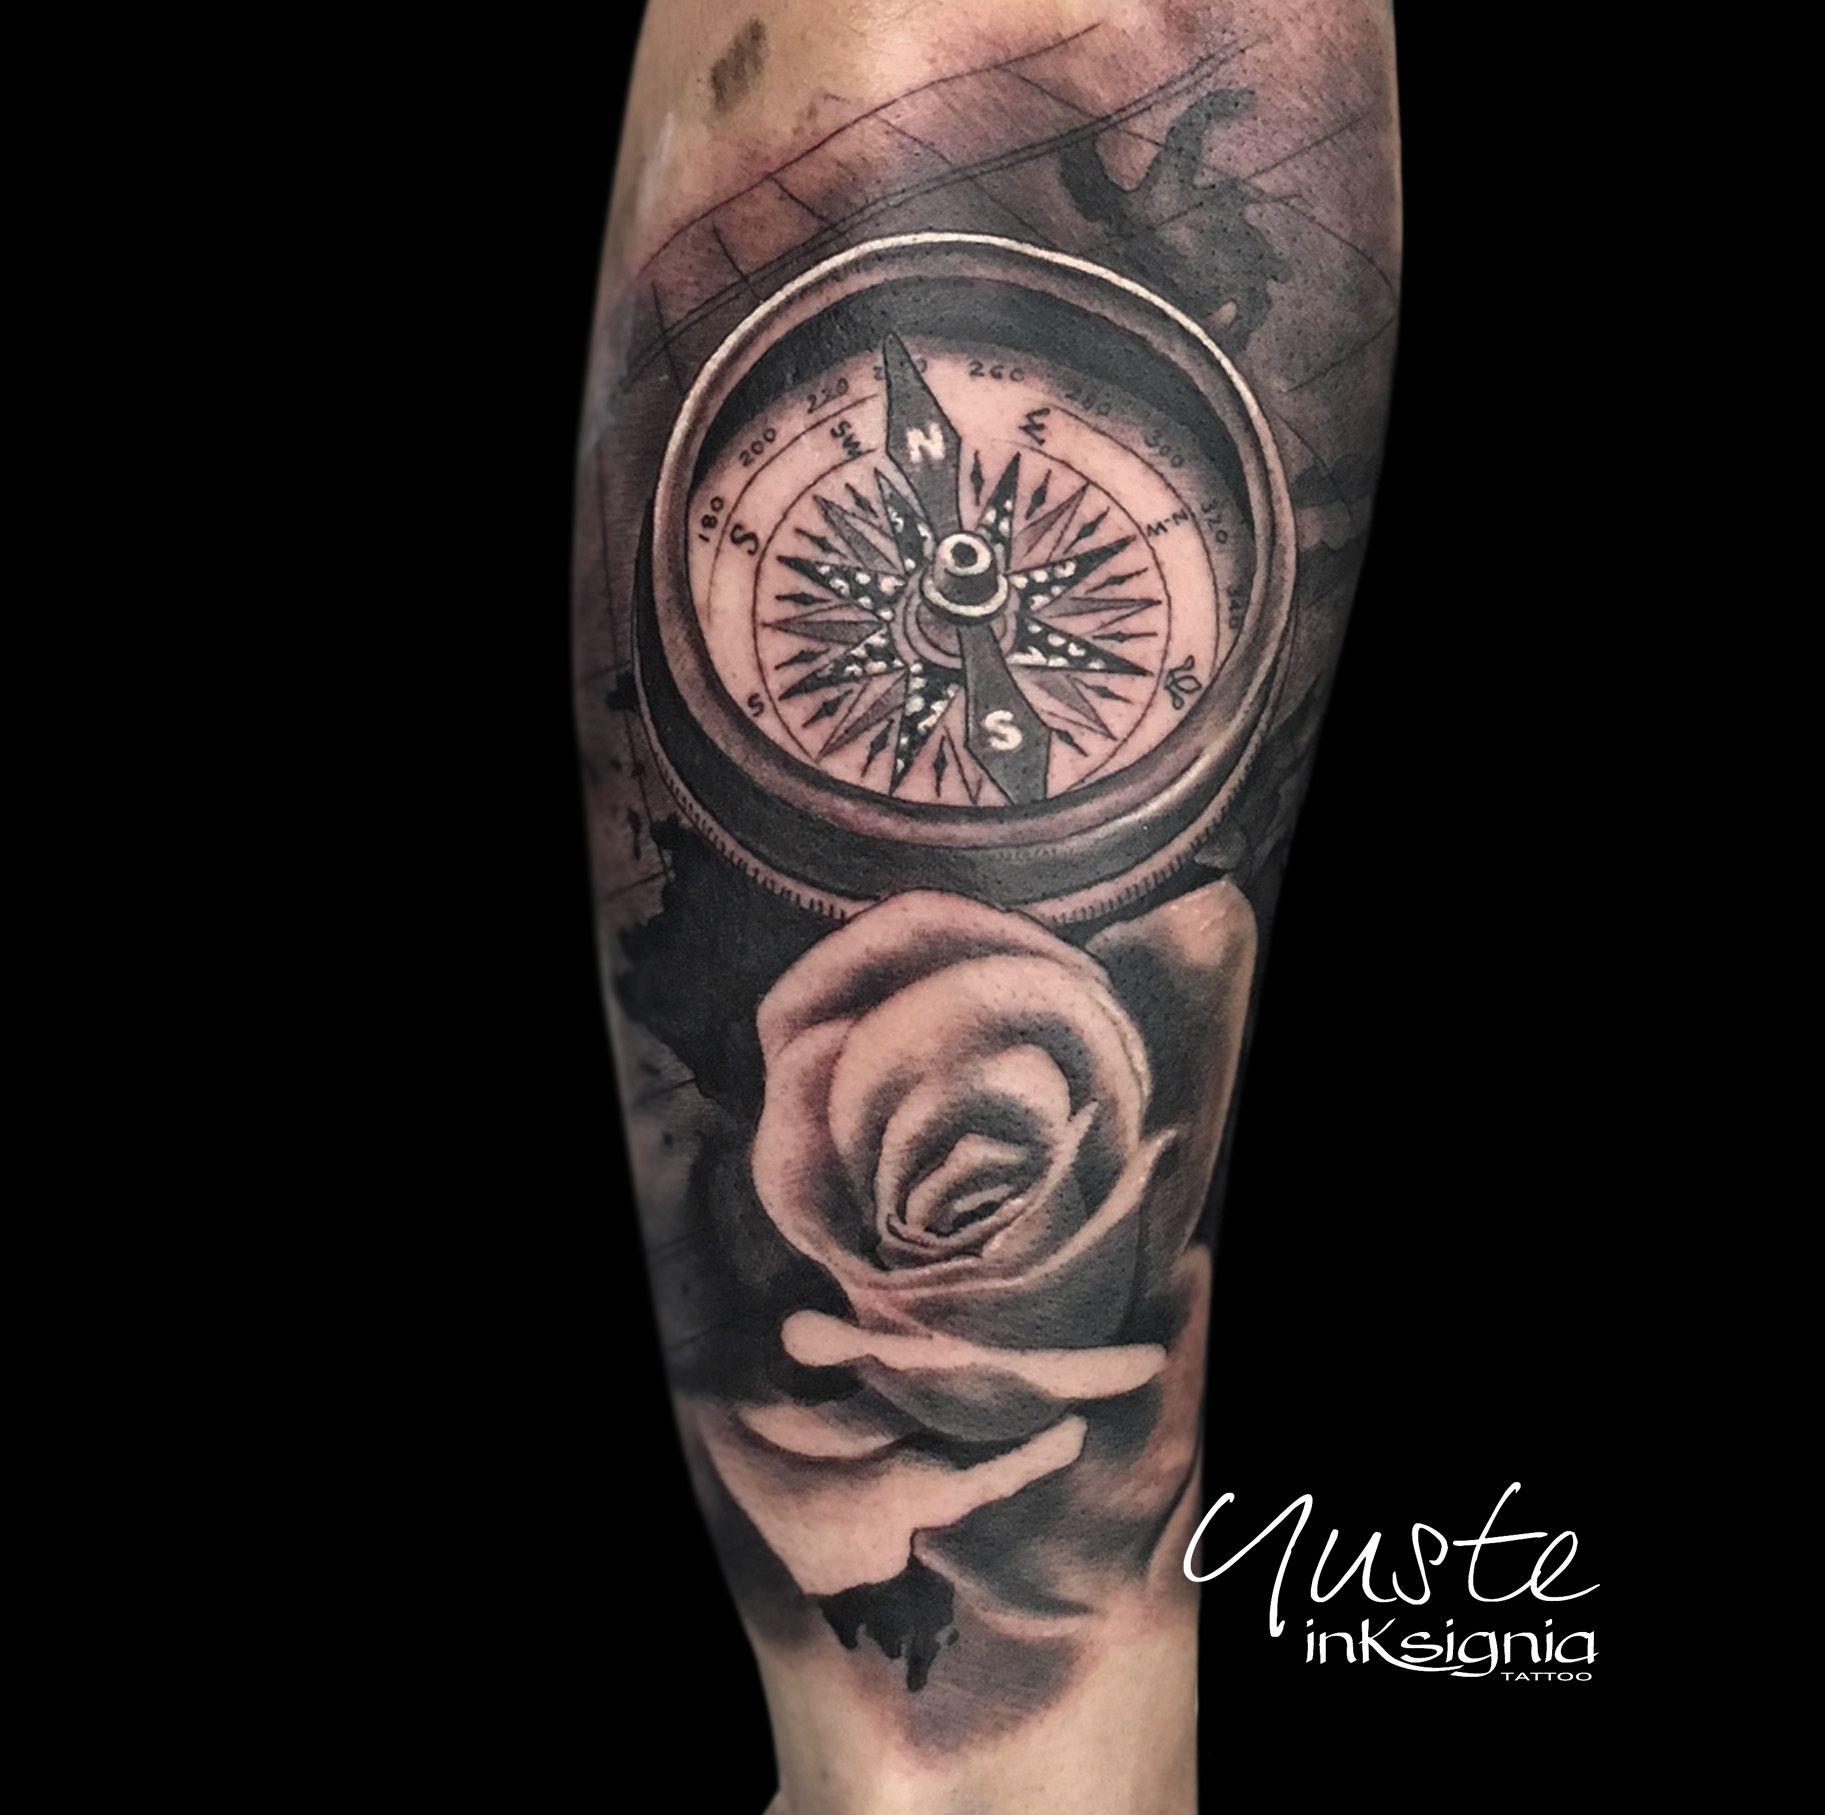 Tatuaje Brujula Y Rosa Tatuaje Brujula Tatuajes Tatuaje De Unas